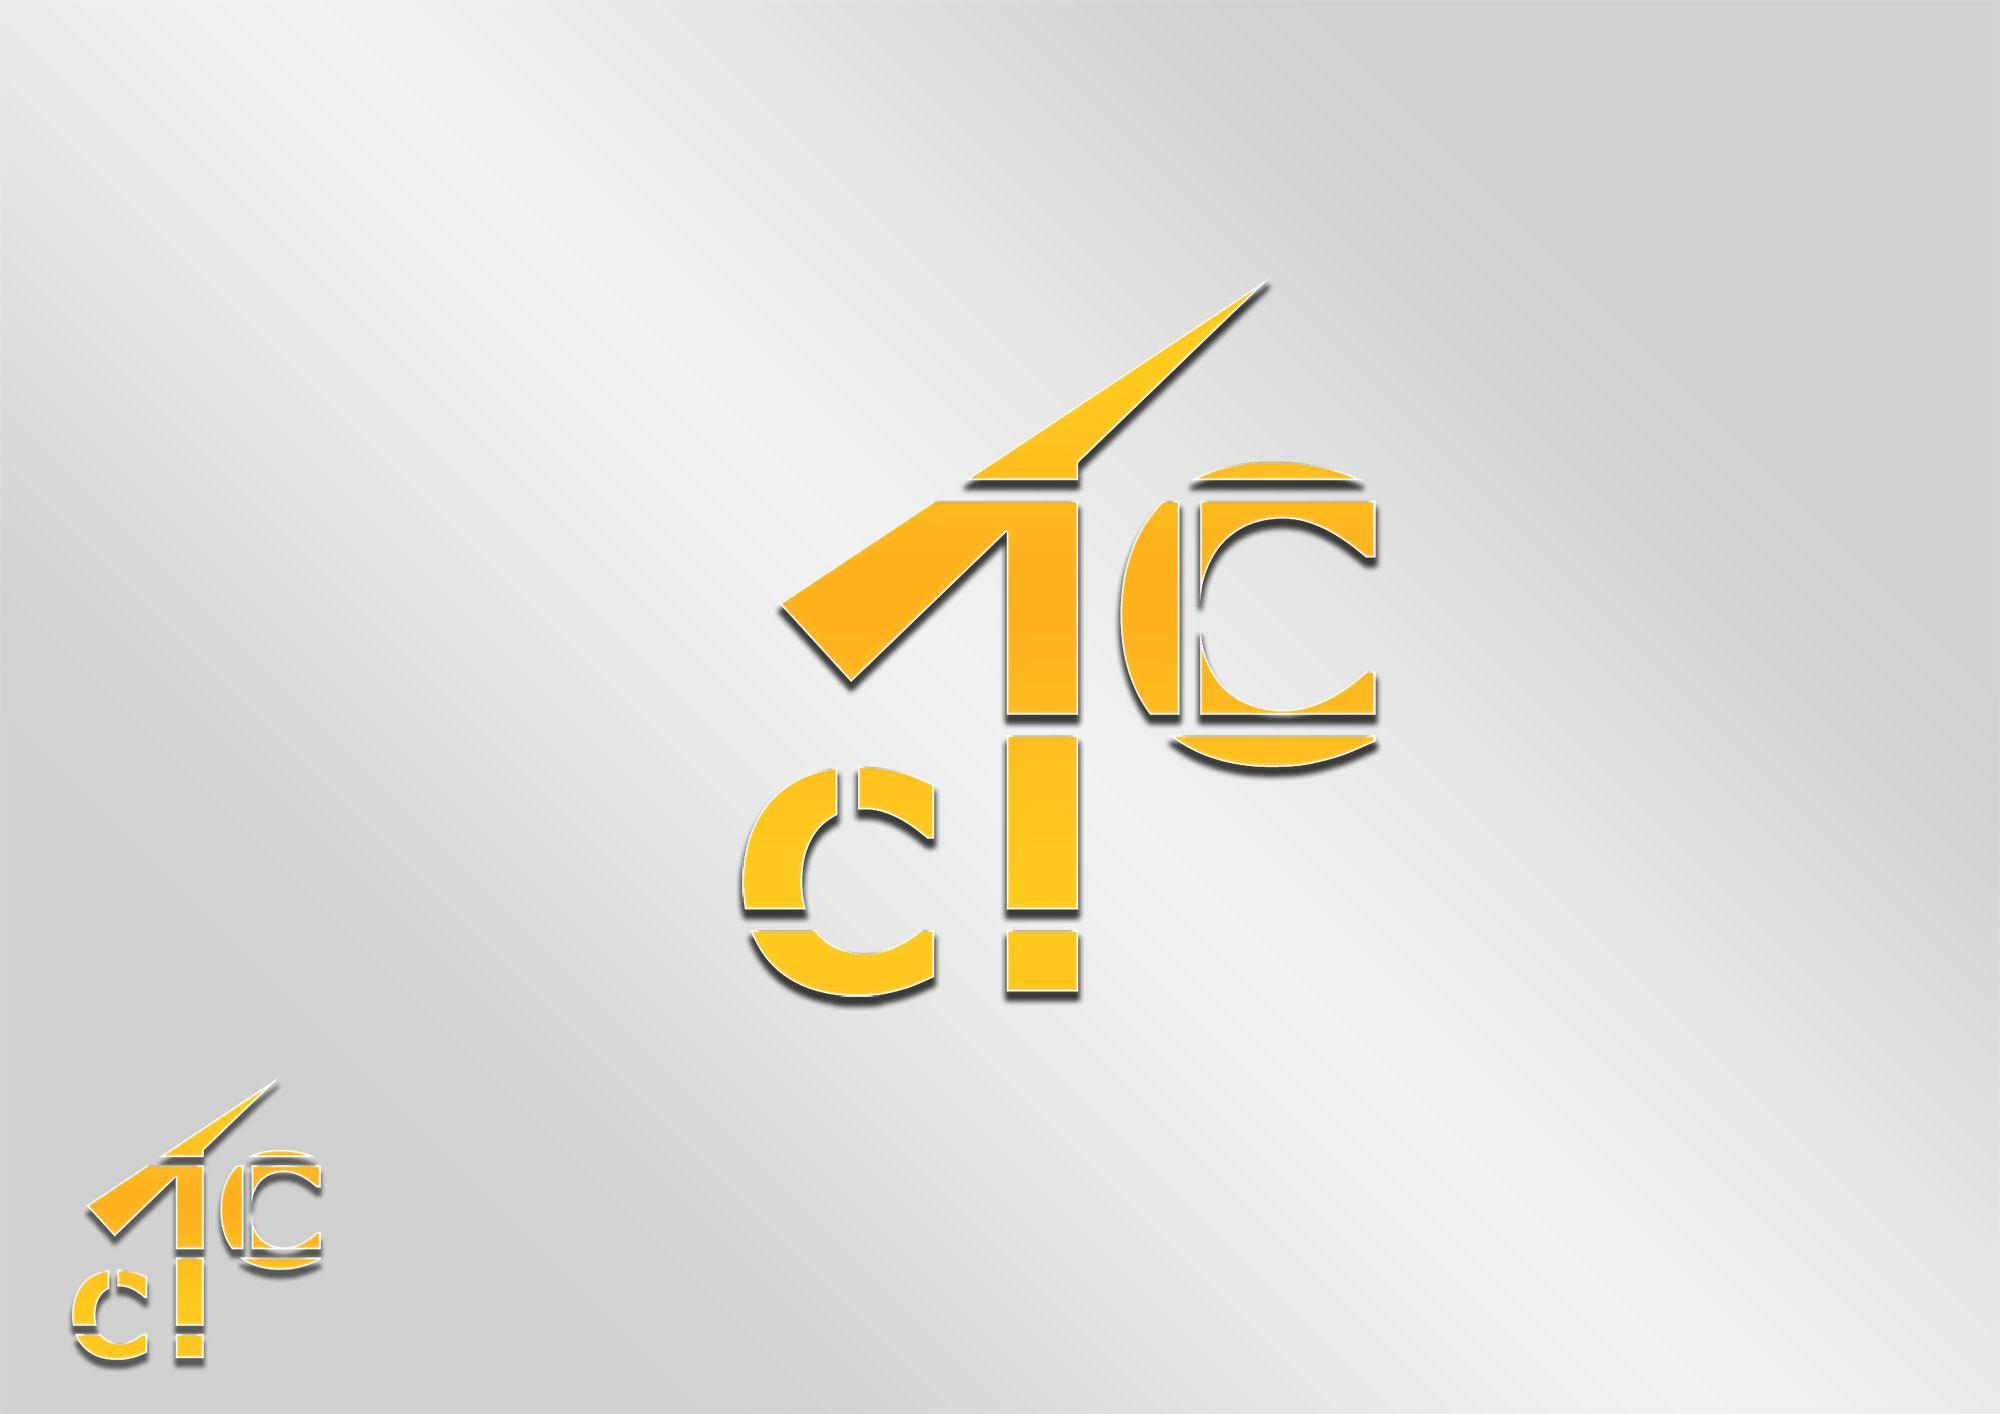 Логотип для поставщика строительных материалов - дизайнер KireevAleksandr